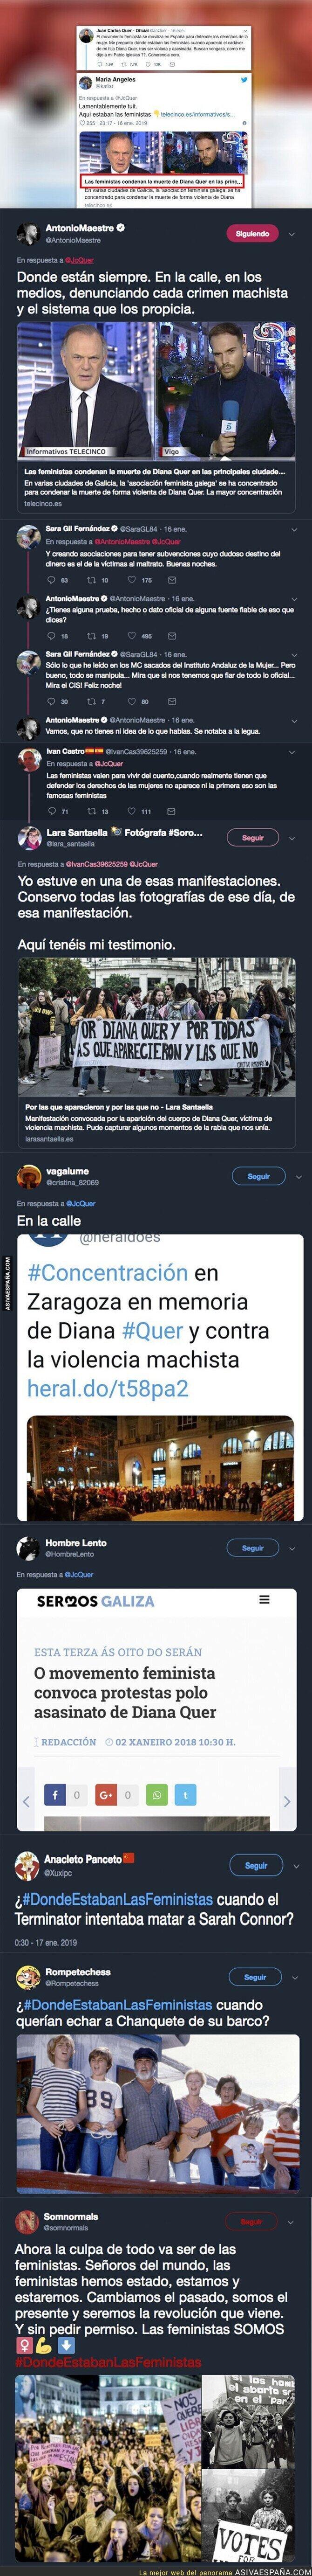 102835 - El padre de Diana Quer se pregunta donde estaban las feministas cuando mataron a su hija y Twitter responde